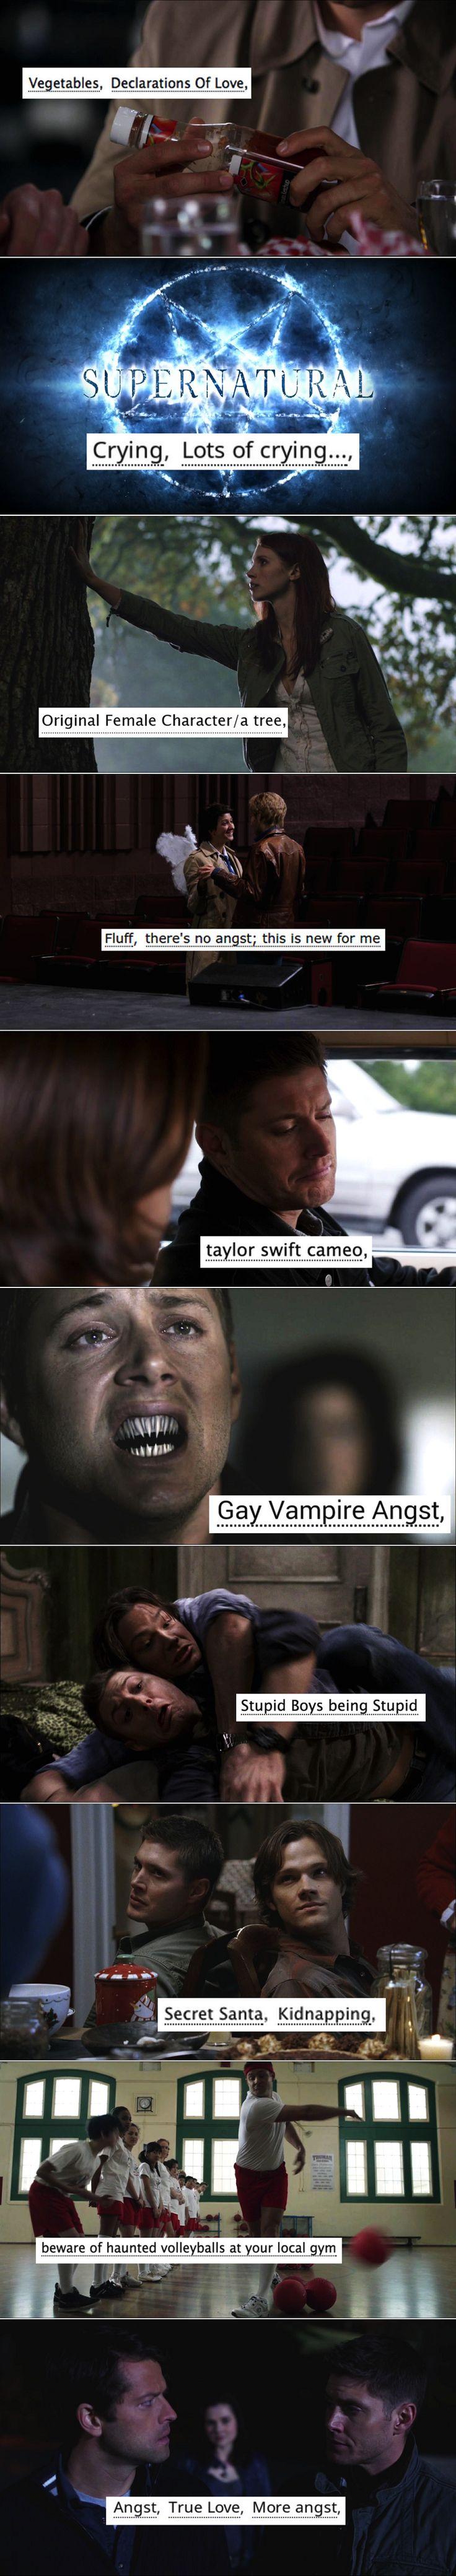 supernatural + ao3 tags